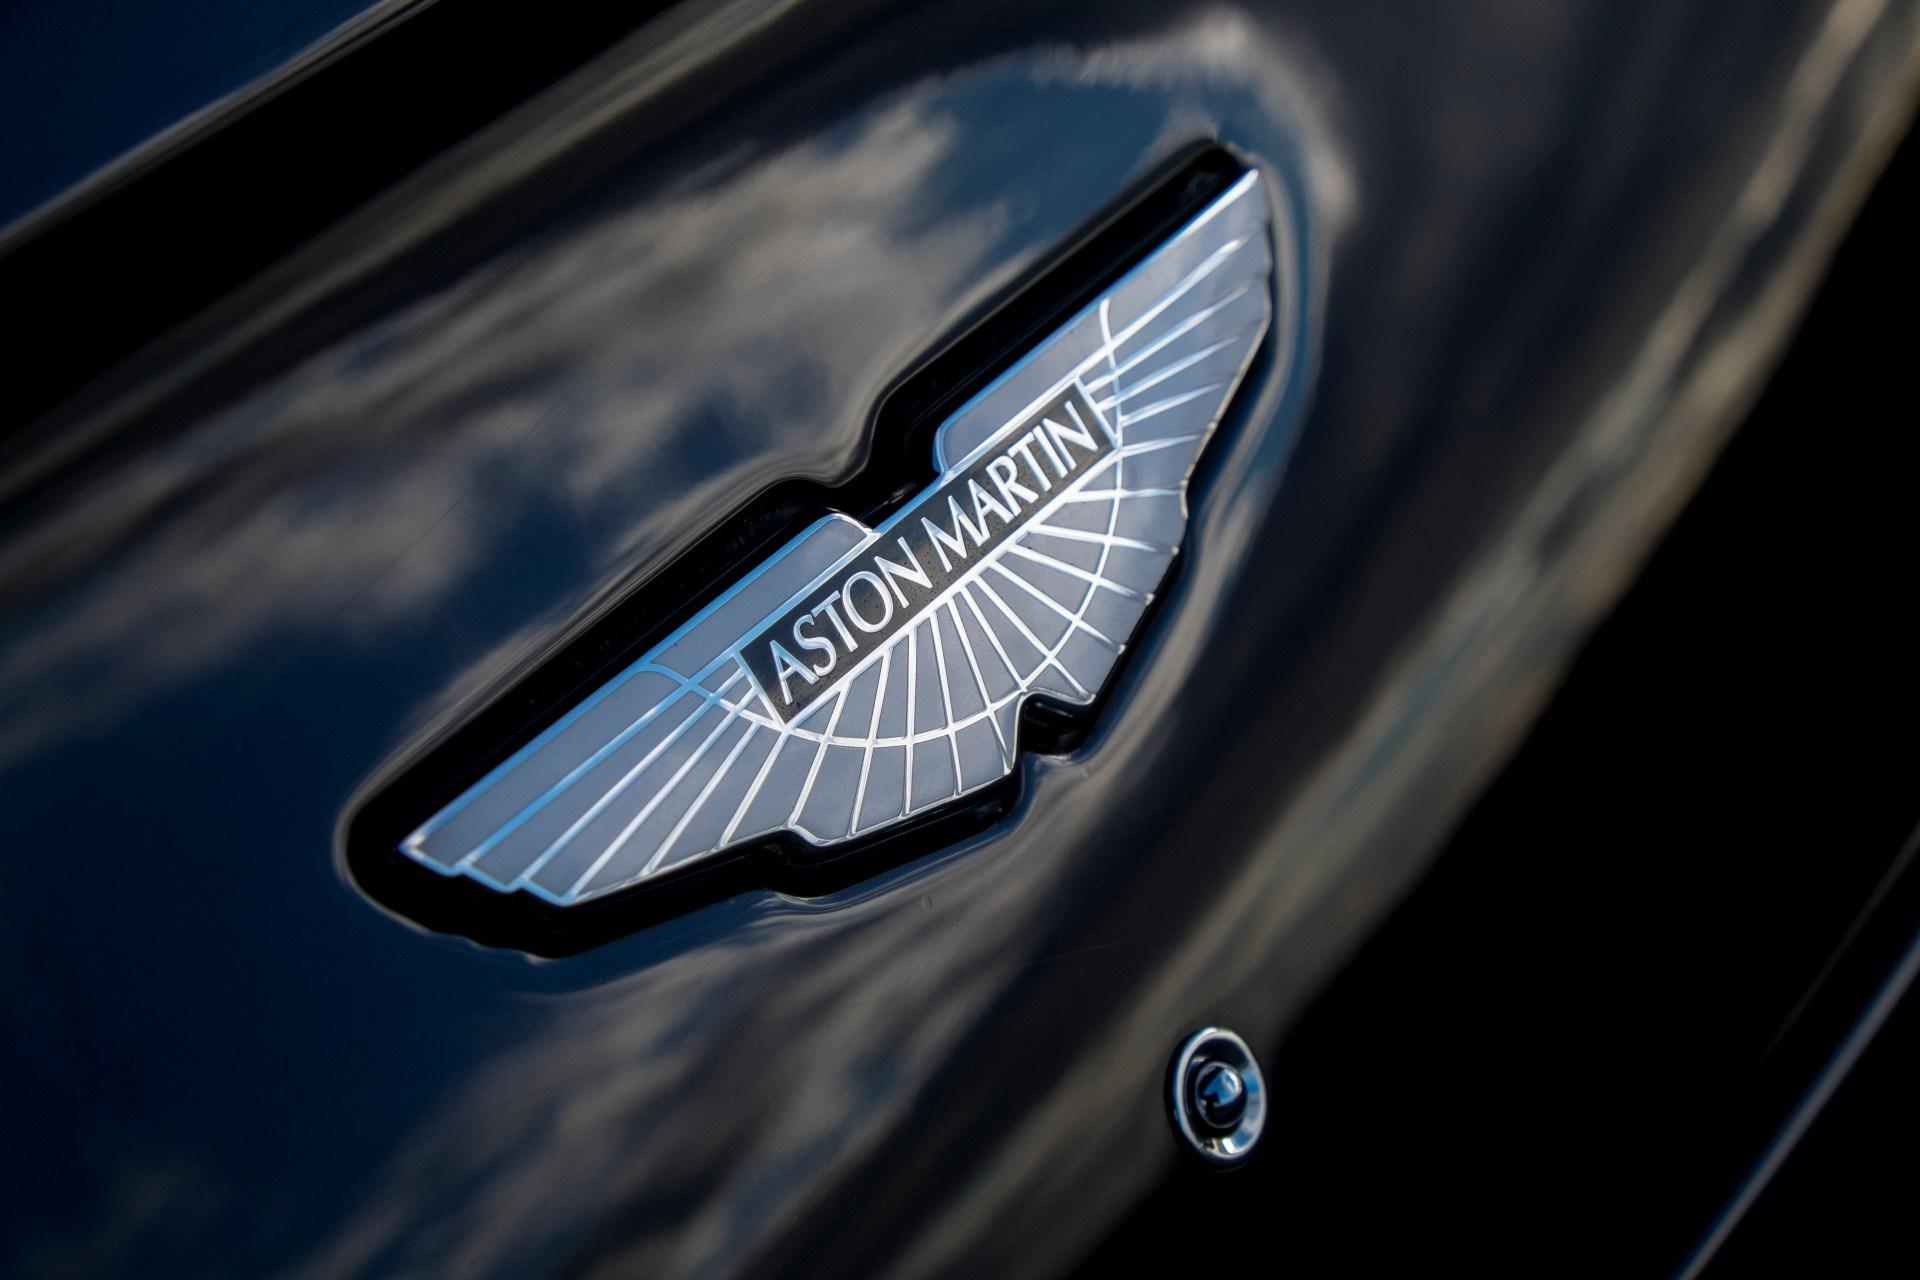 Компания Aston Martin может полностью прекратить производство автомобилей 1